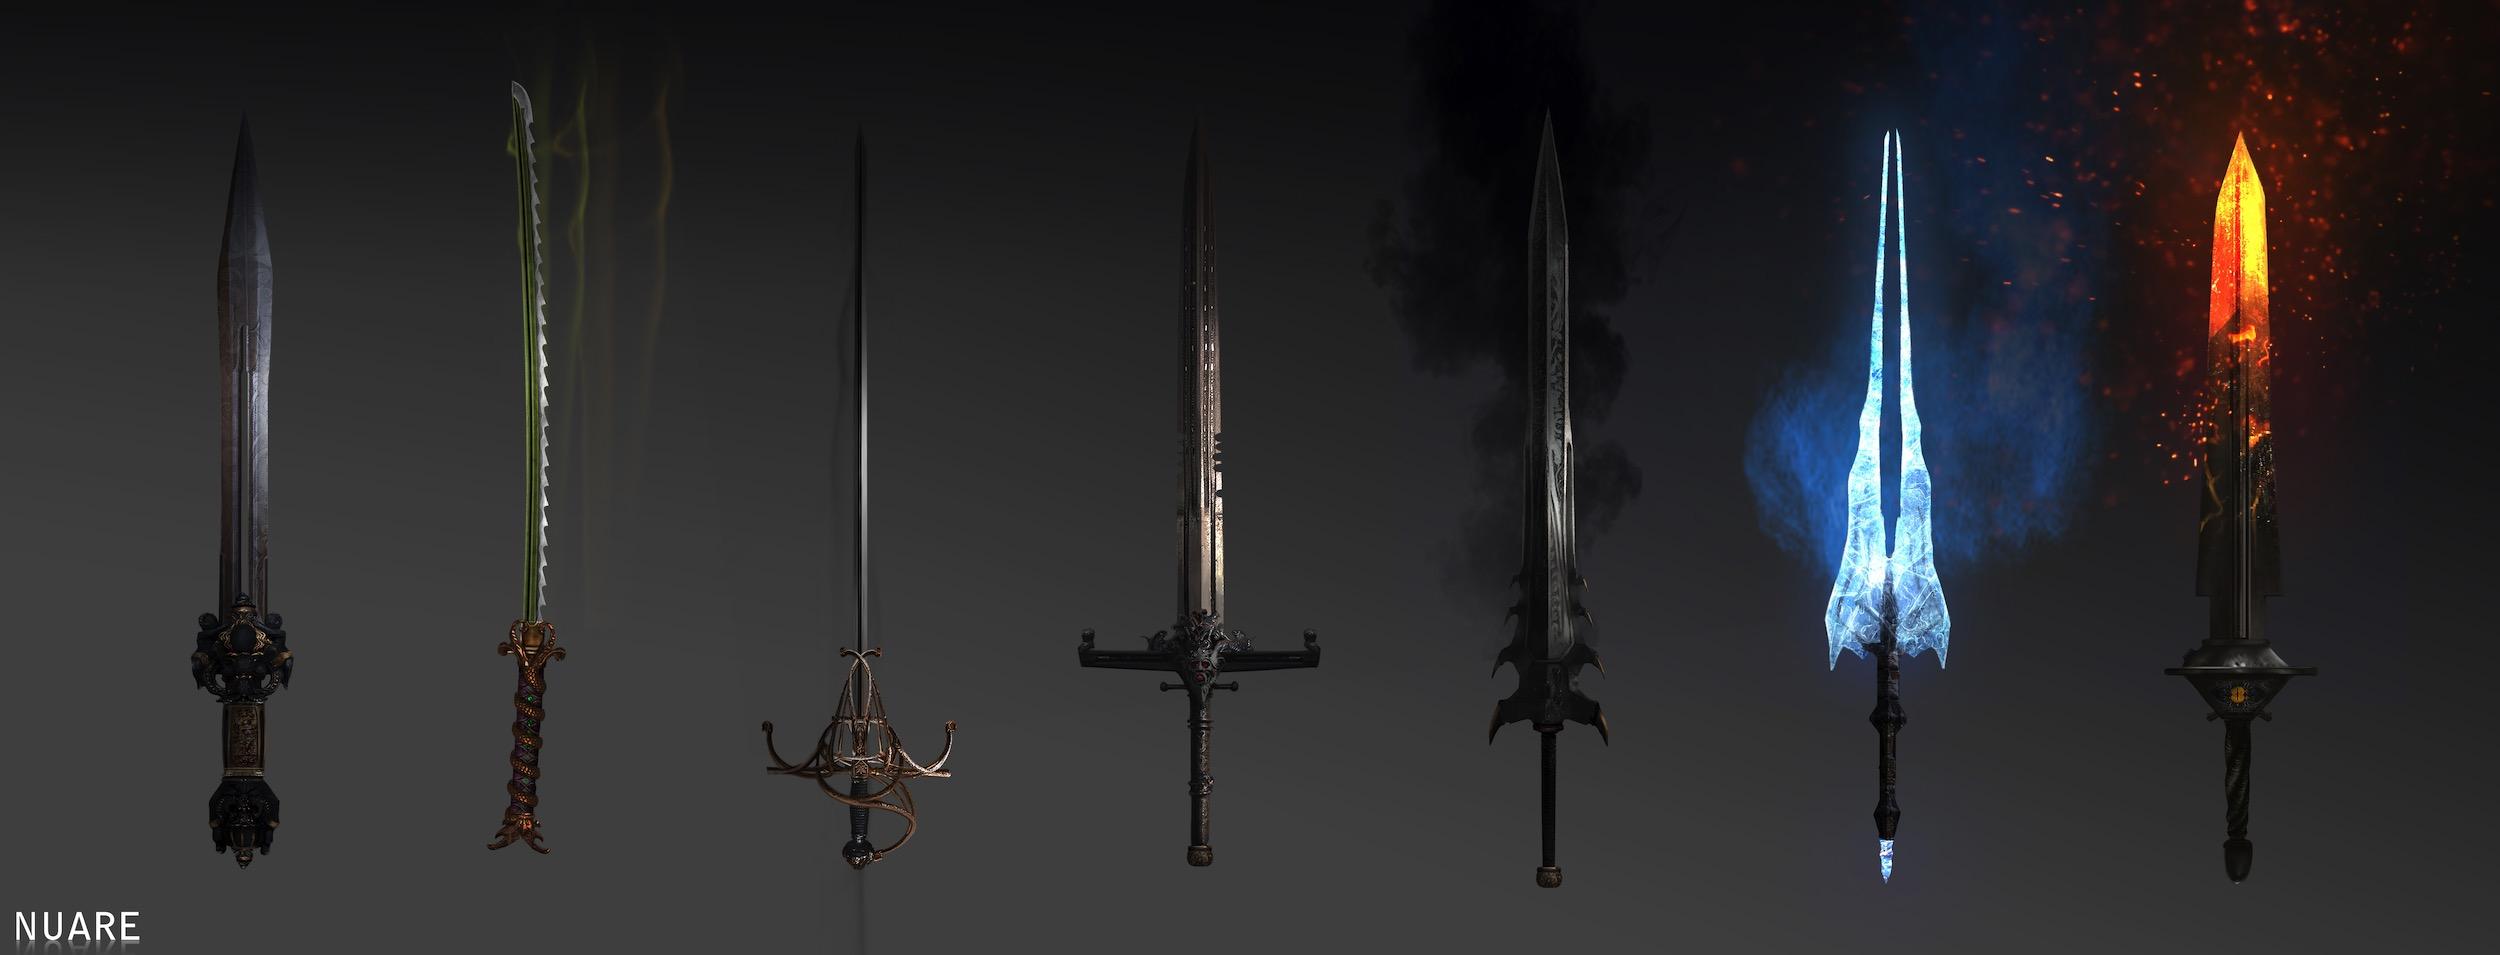 Swords_2500x955